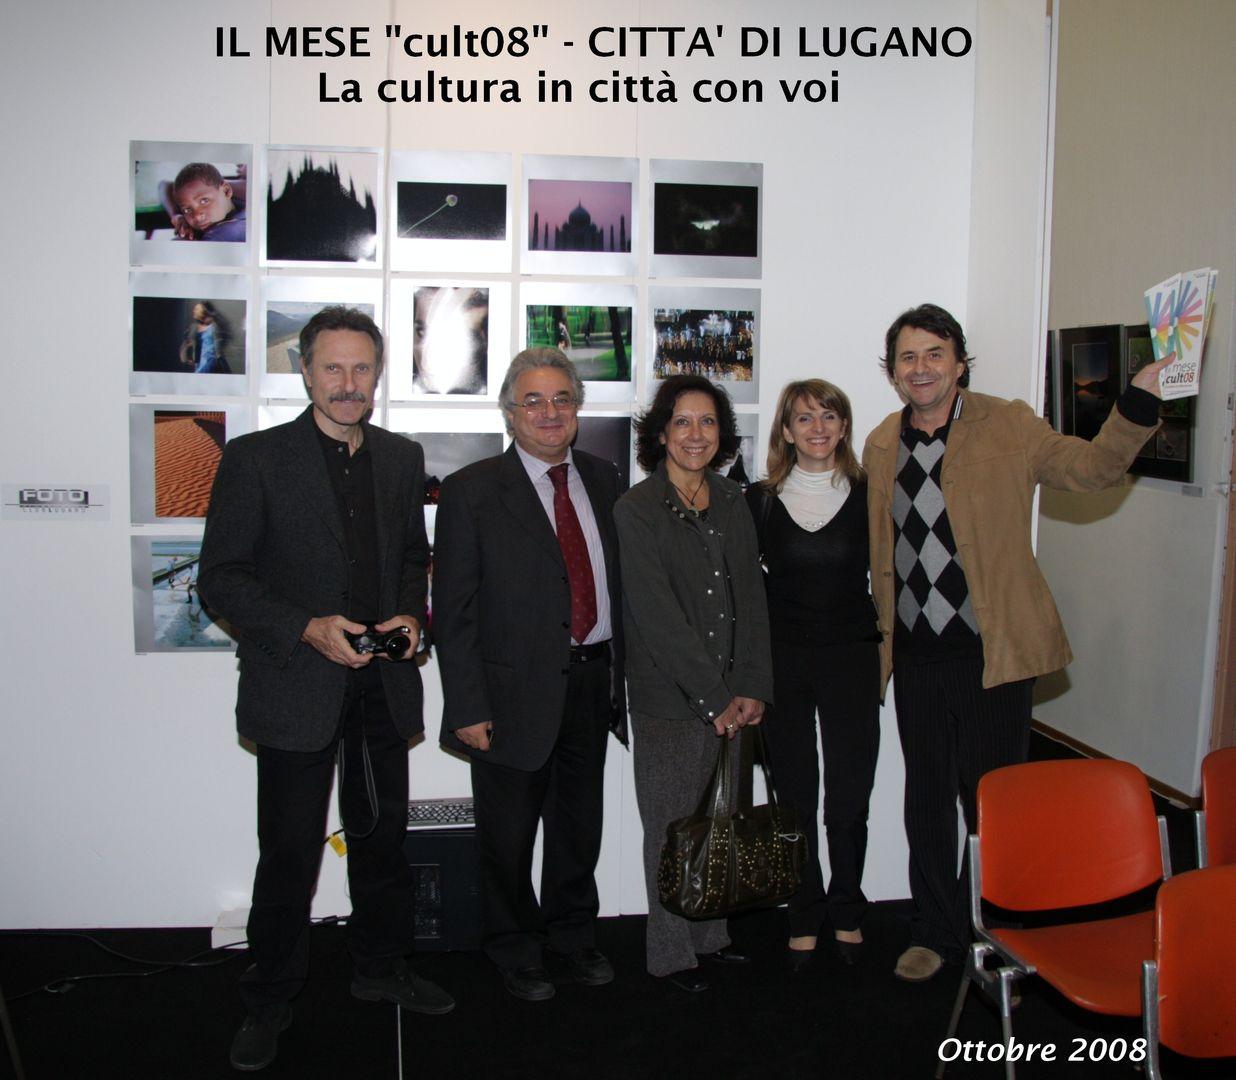 lugano Cult08